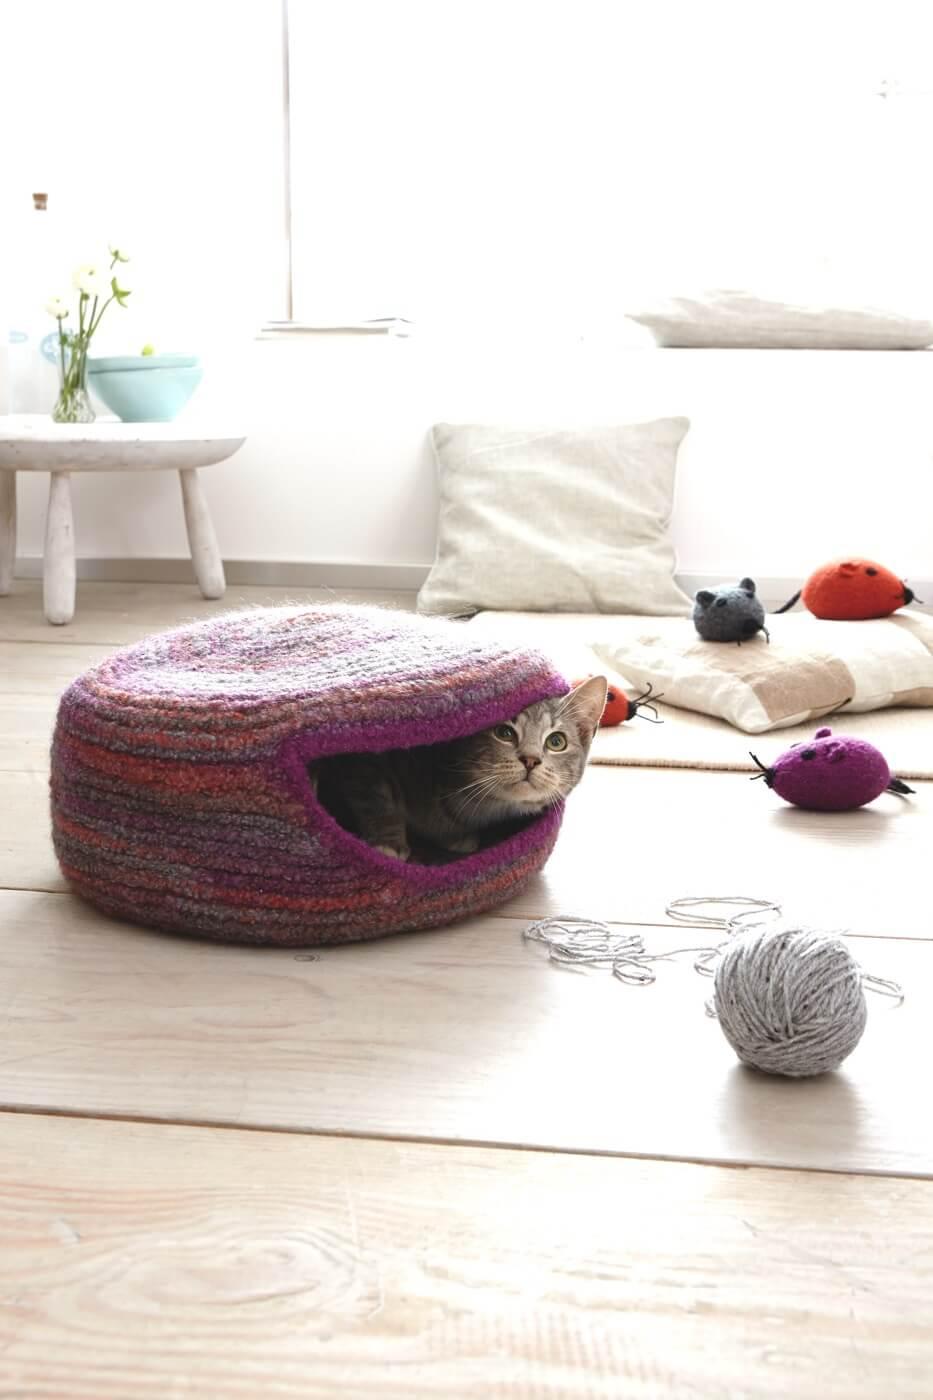 Gefilzte Katzenhöhle